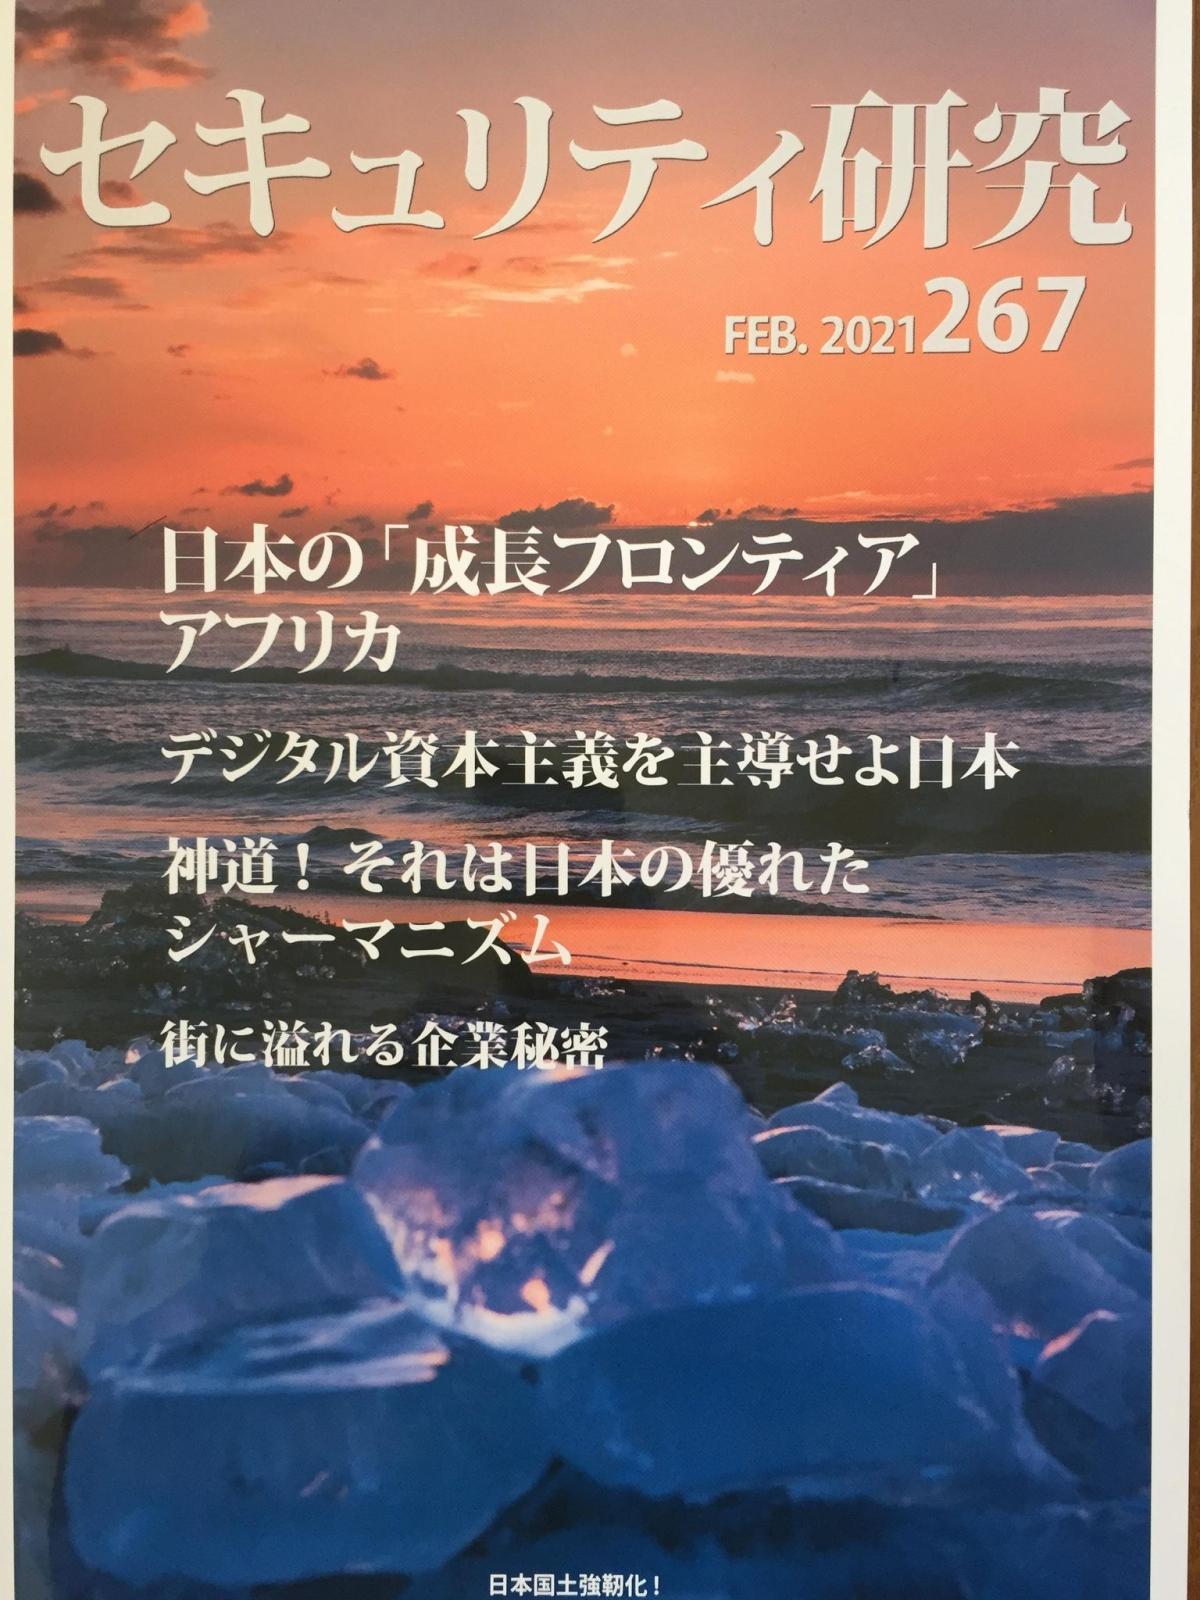 Tạp chí Nghiên cứu Security Anpo, số 267 phát hành tháng 1/2021 của Nhật Bản.